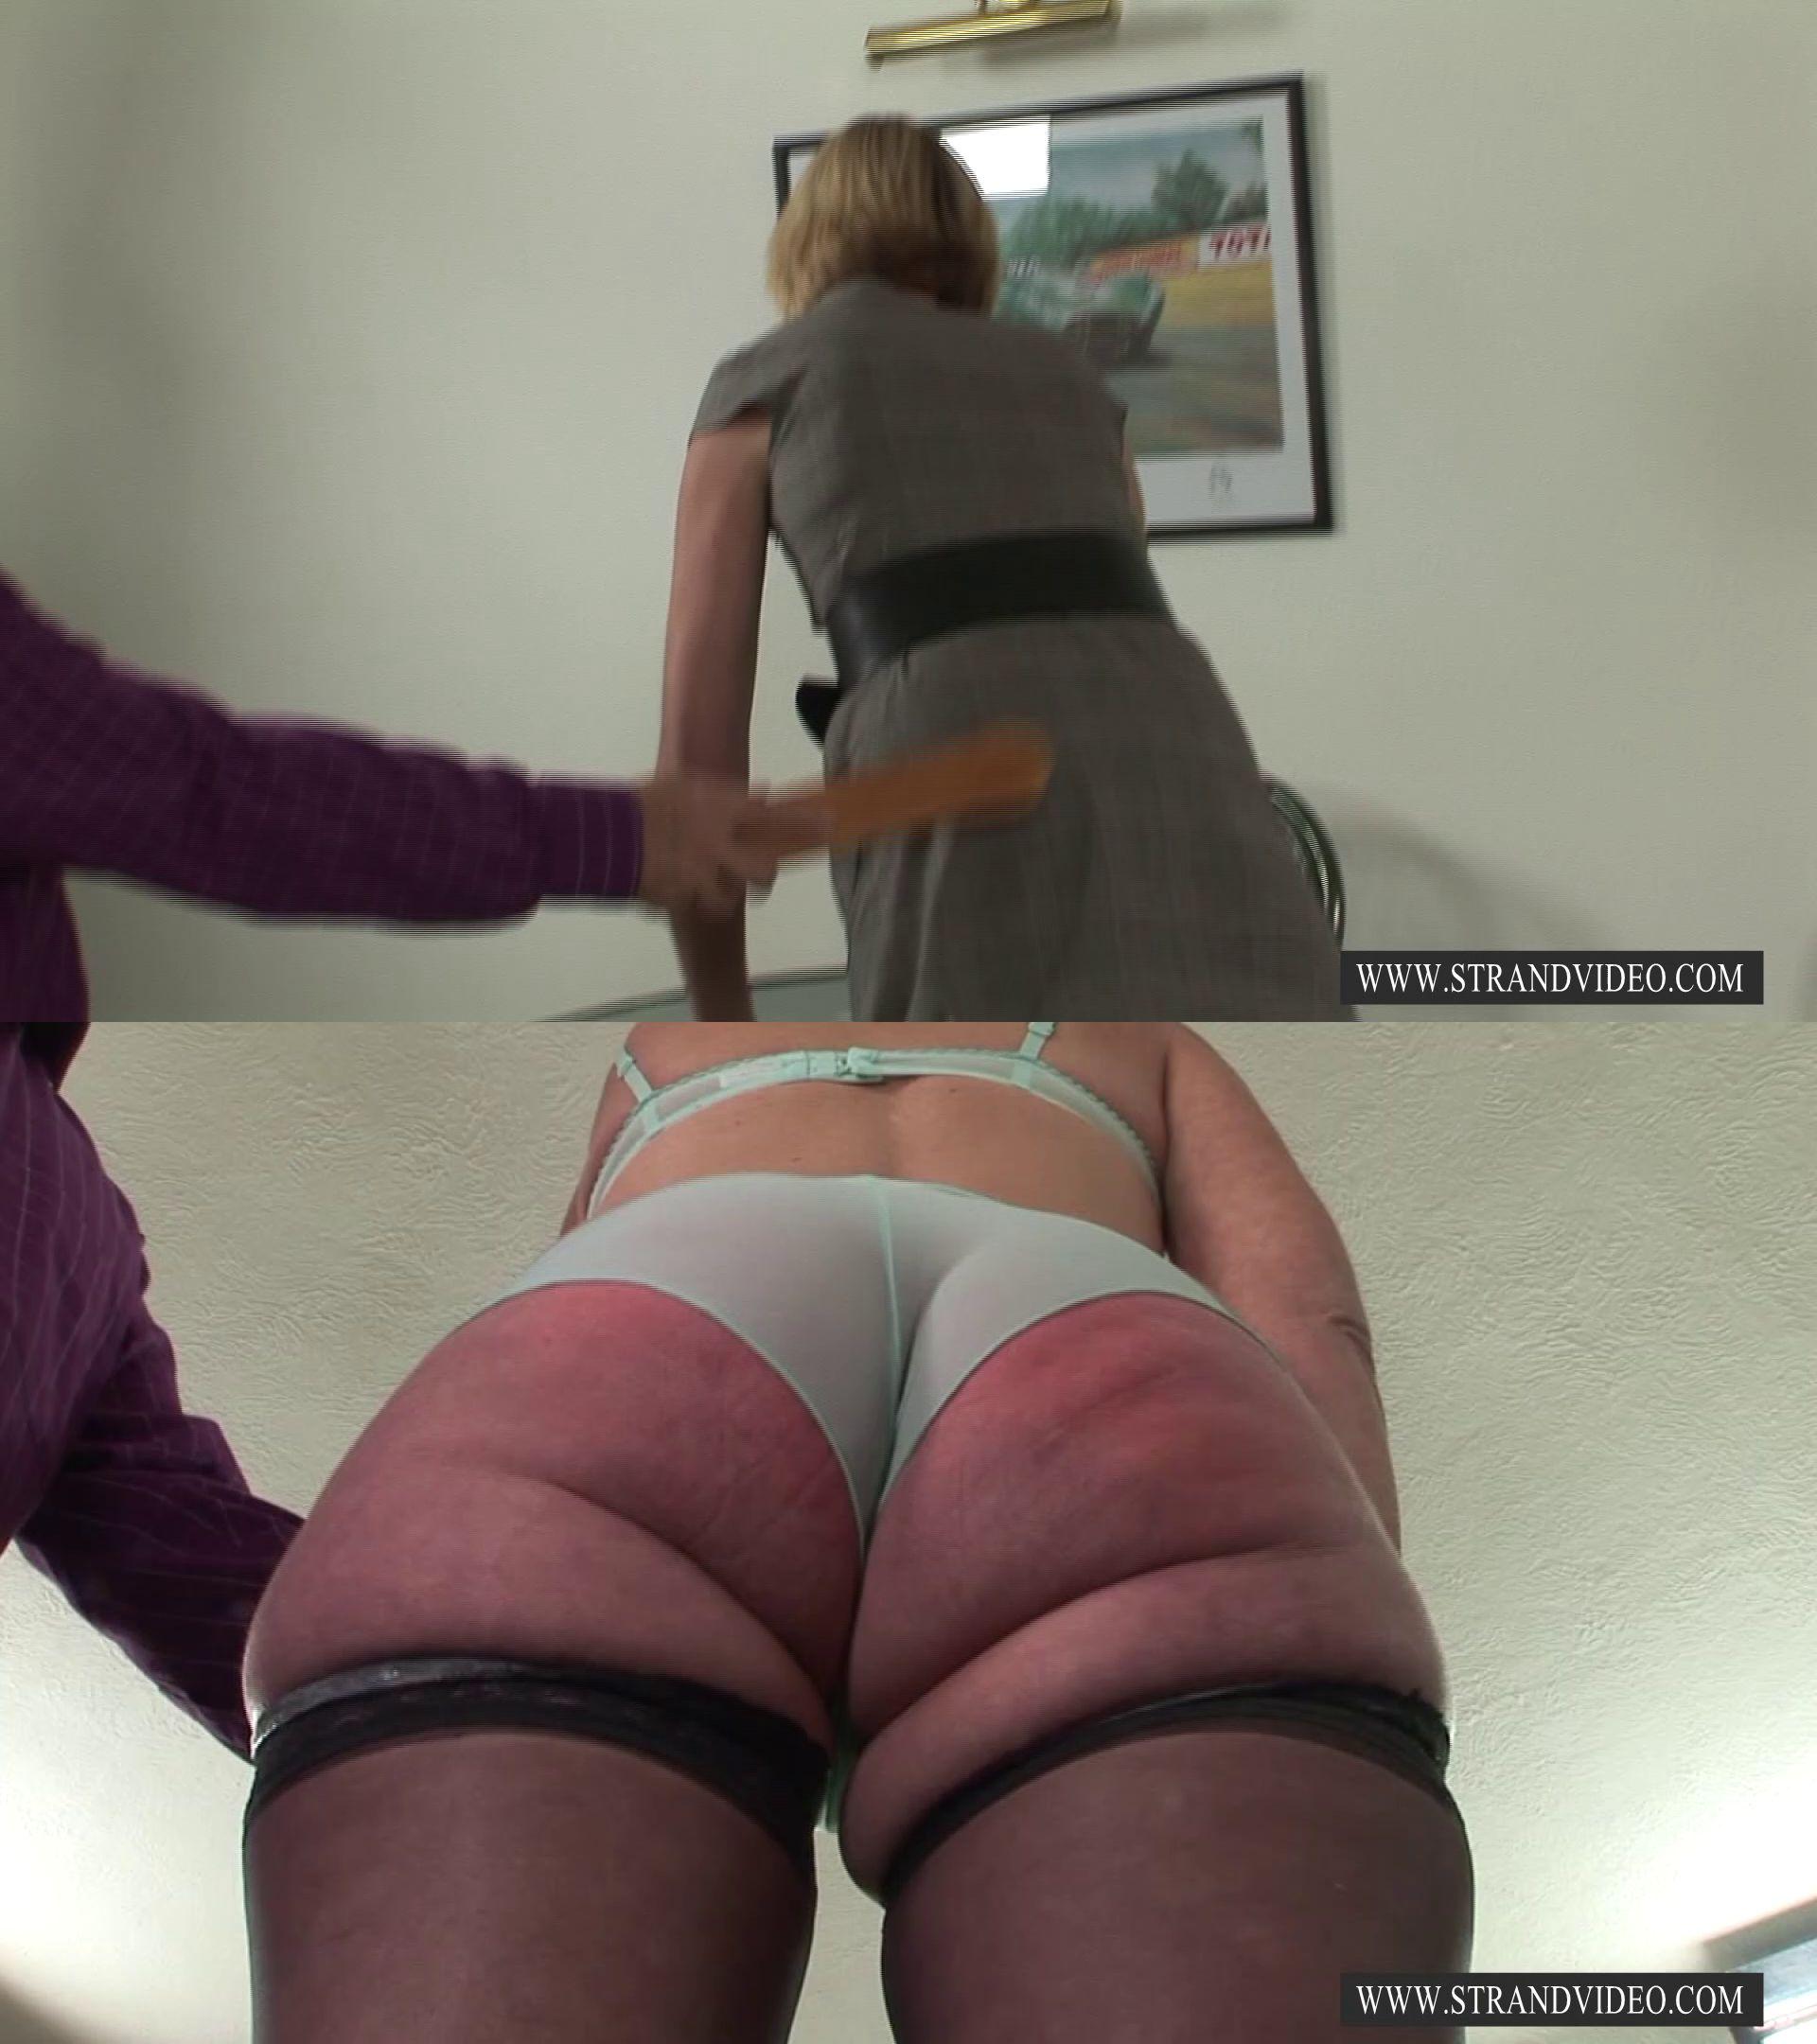 spankingsarah – MP4/HD – Sarah Stern, Mr. Stern – Discipline For Sarah